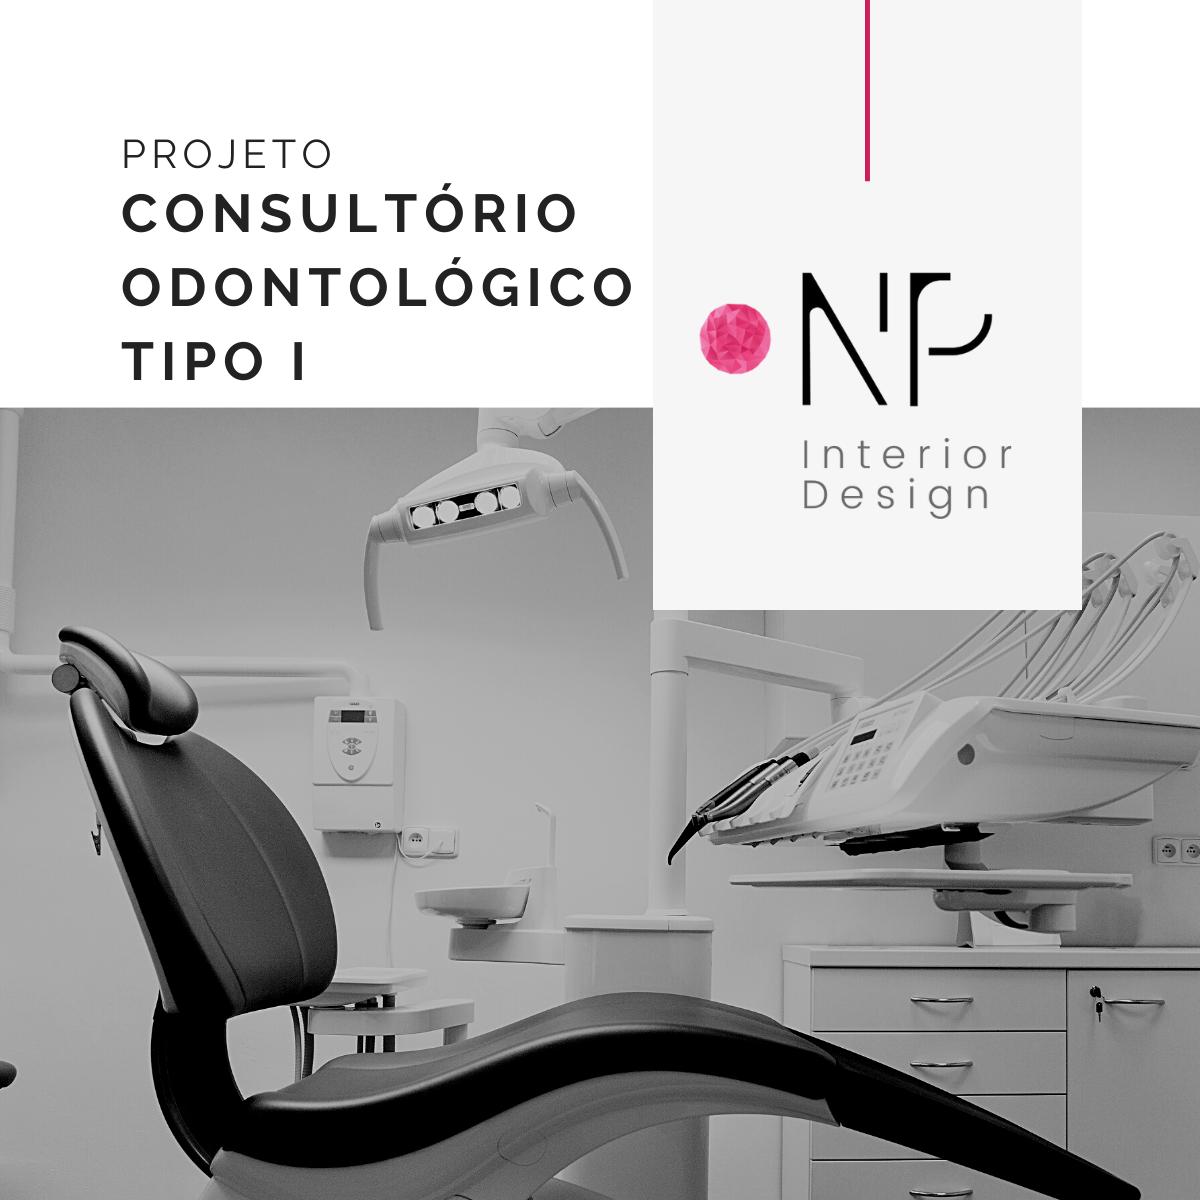 Projeto-Consultório-Odontológico-Tipo I-NP-Interior-Design (1)